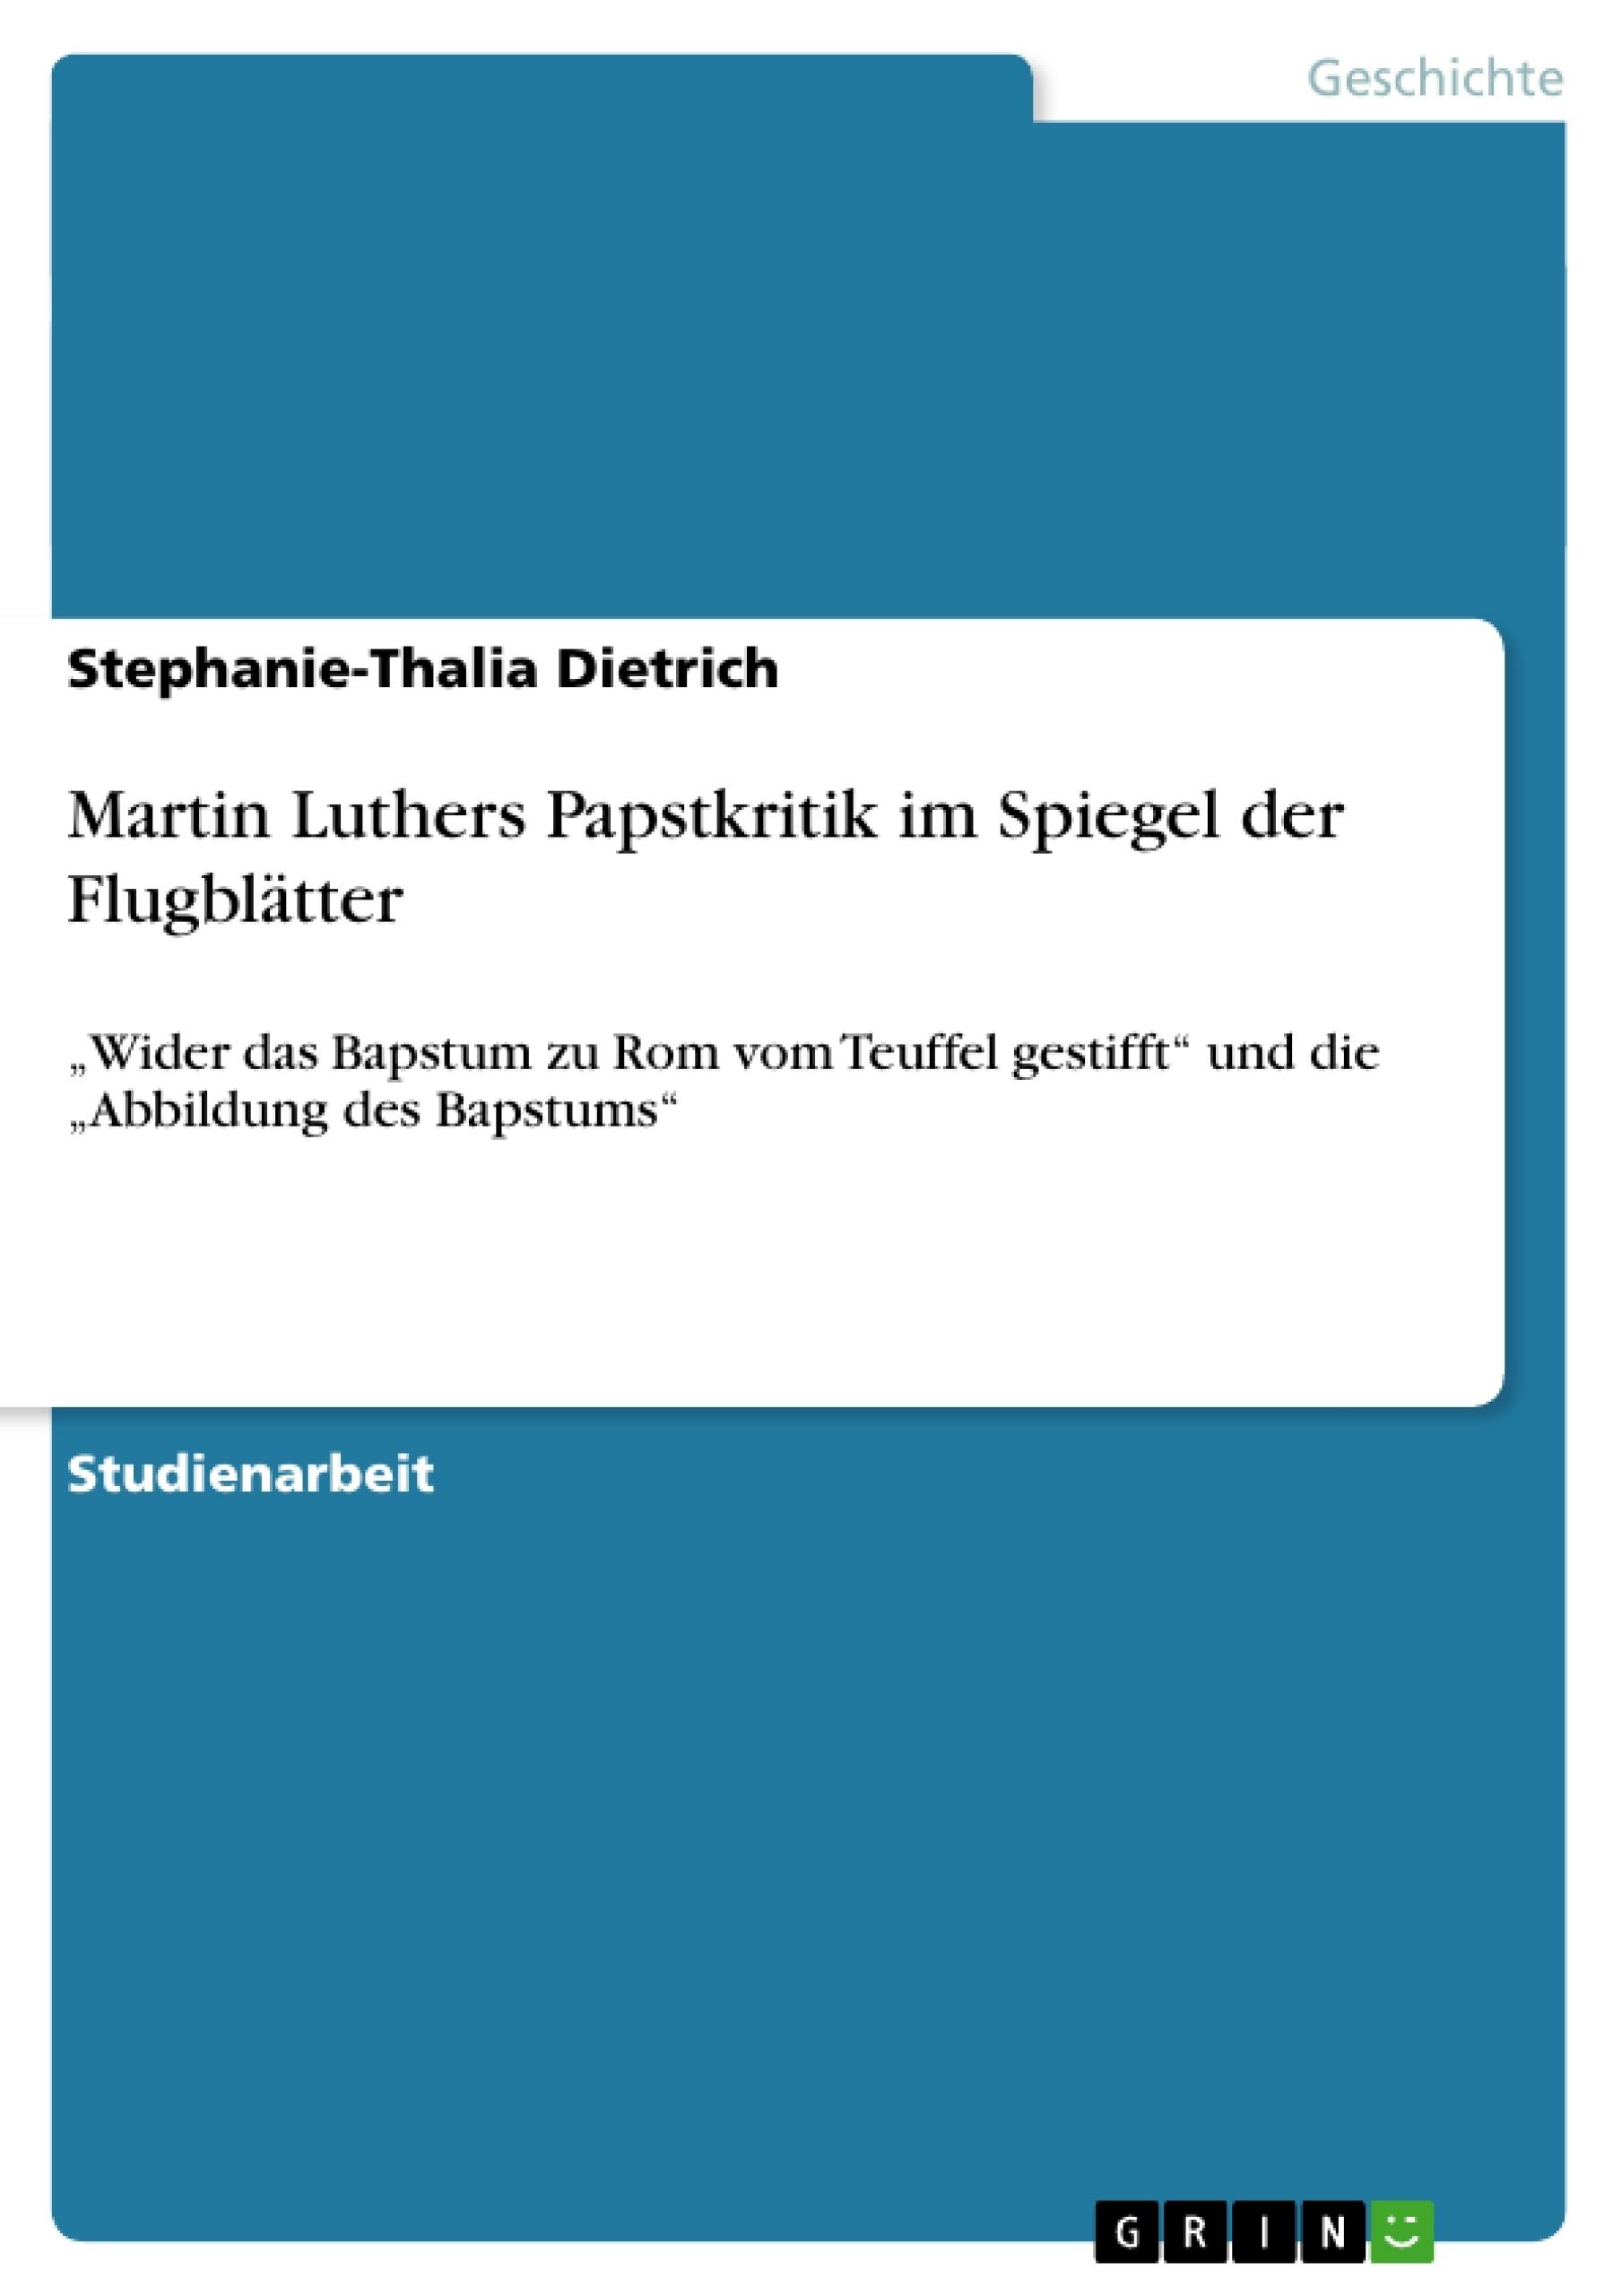 Titel: Martin Luthers Papstkritik im Spiegel der Flugblätter